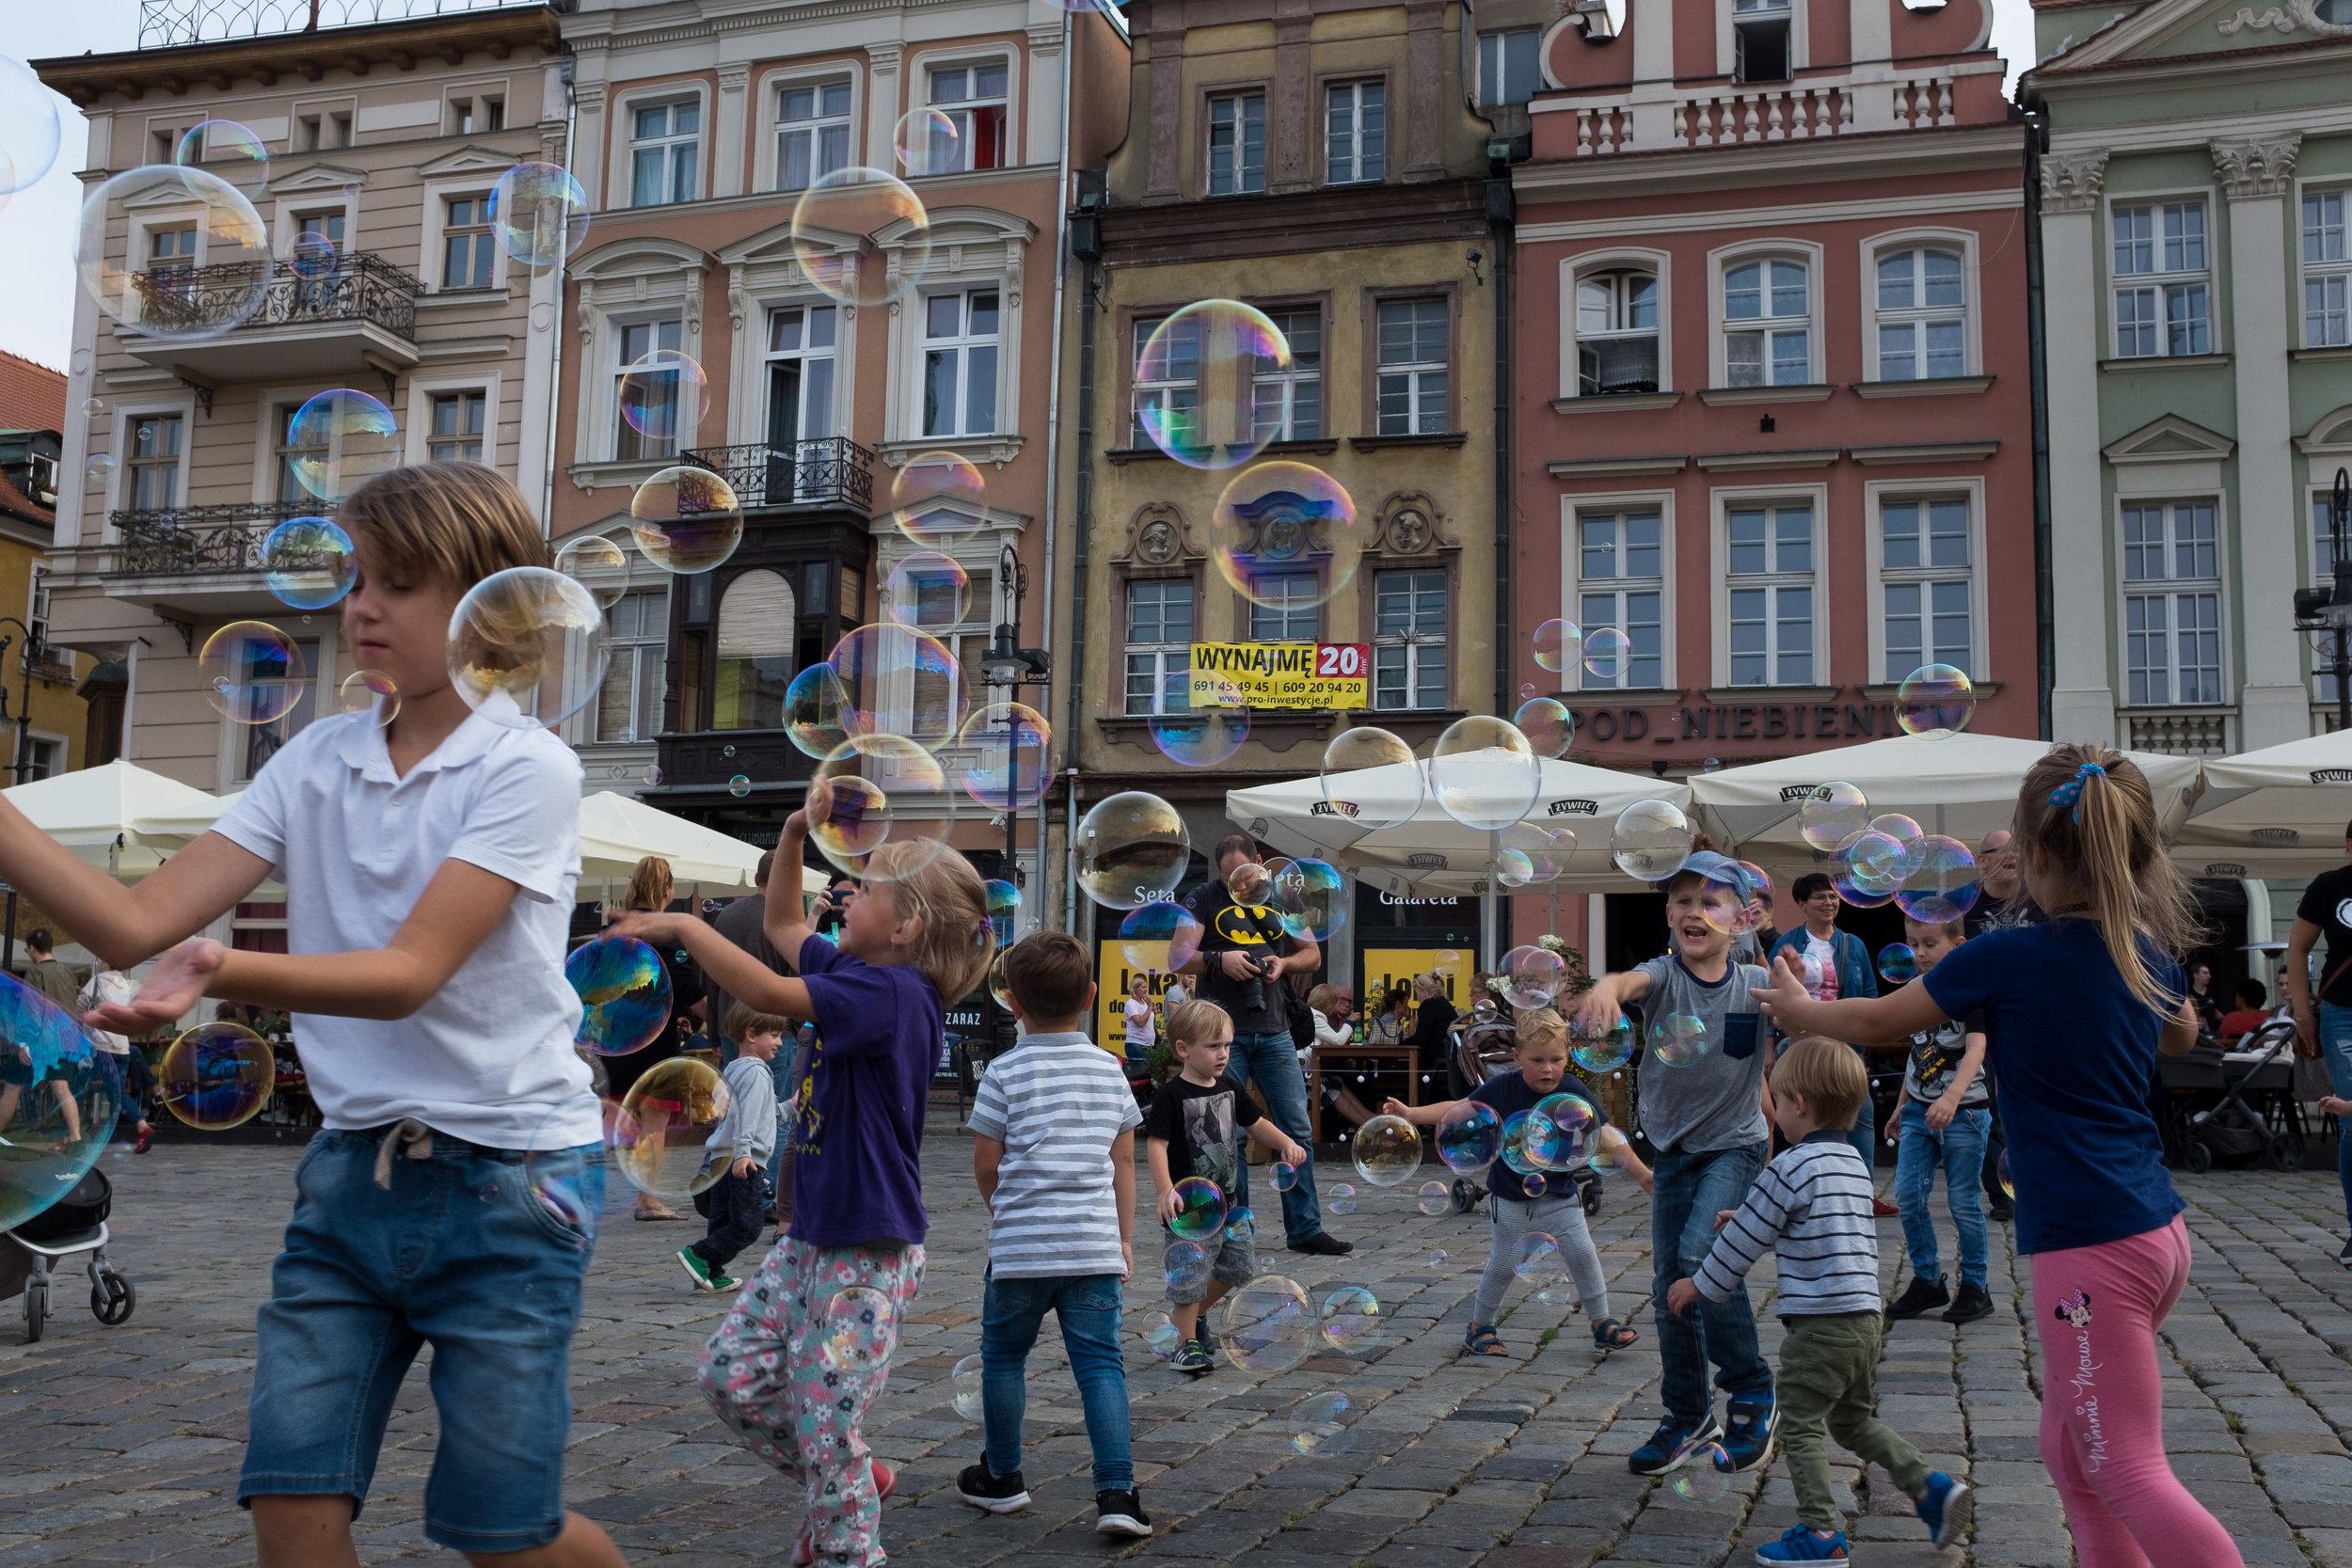 2017_09_Poznan_Cerrotti - Squarespace-004.jpg